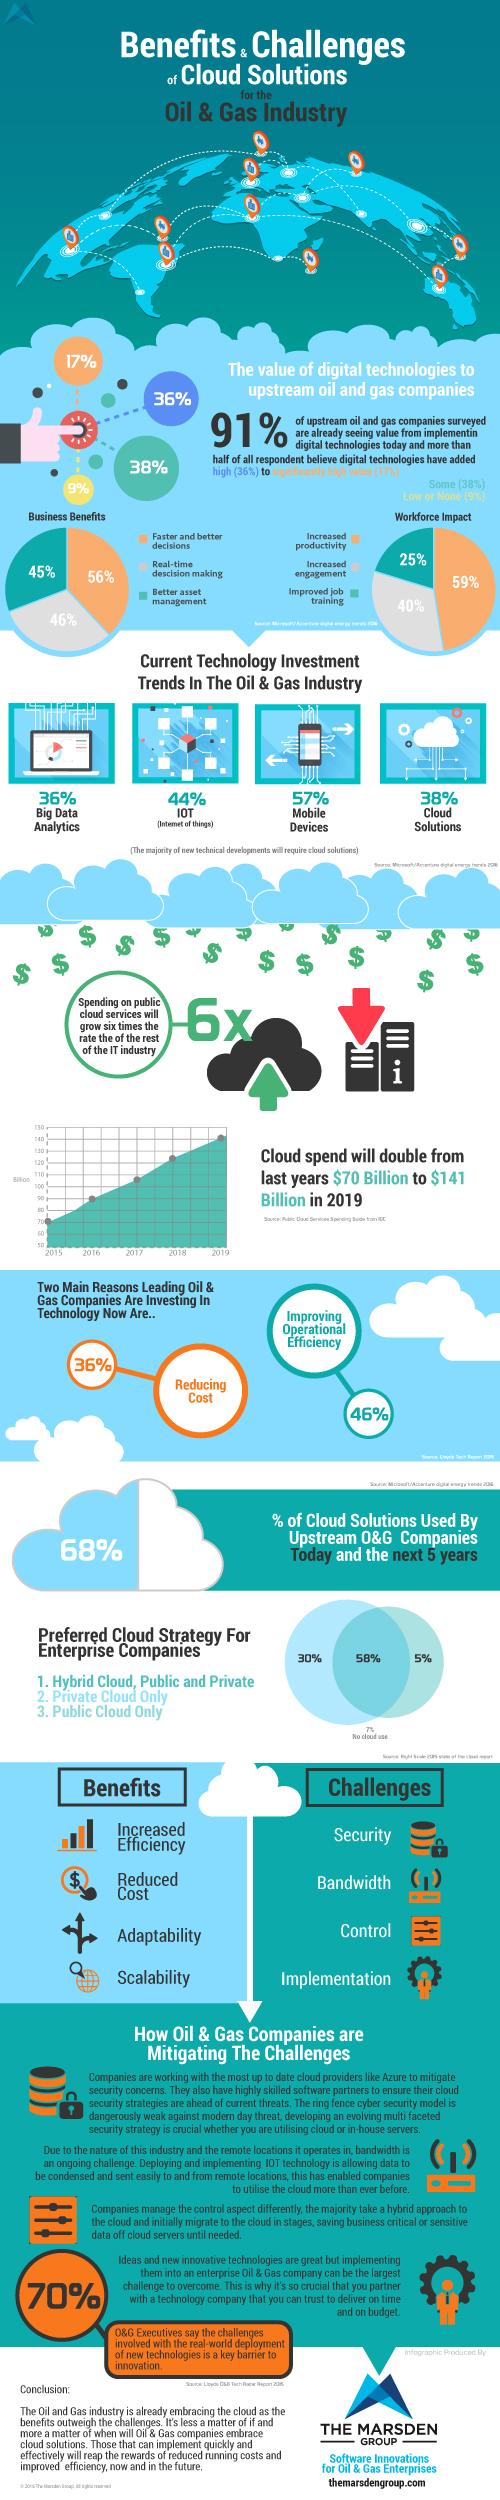 Cloud-pro-cons-full3ai.jpg